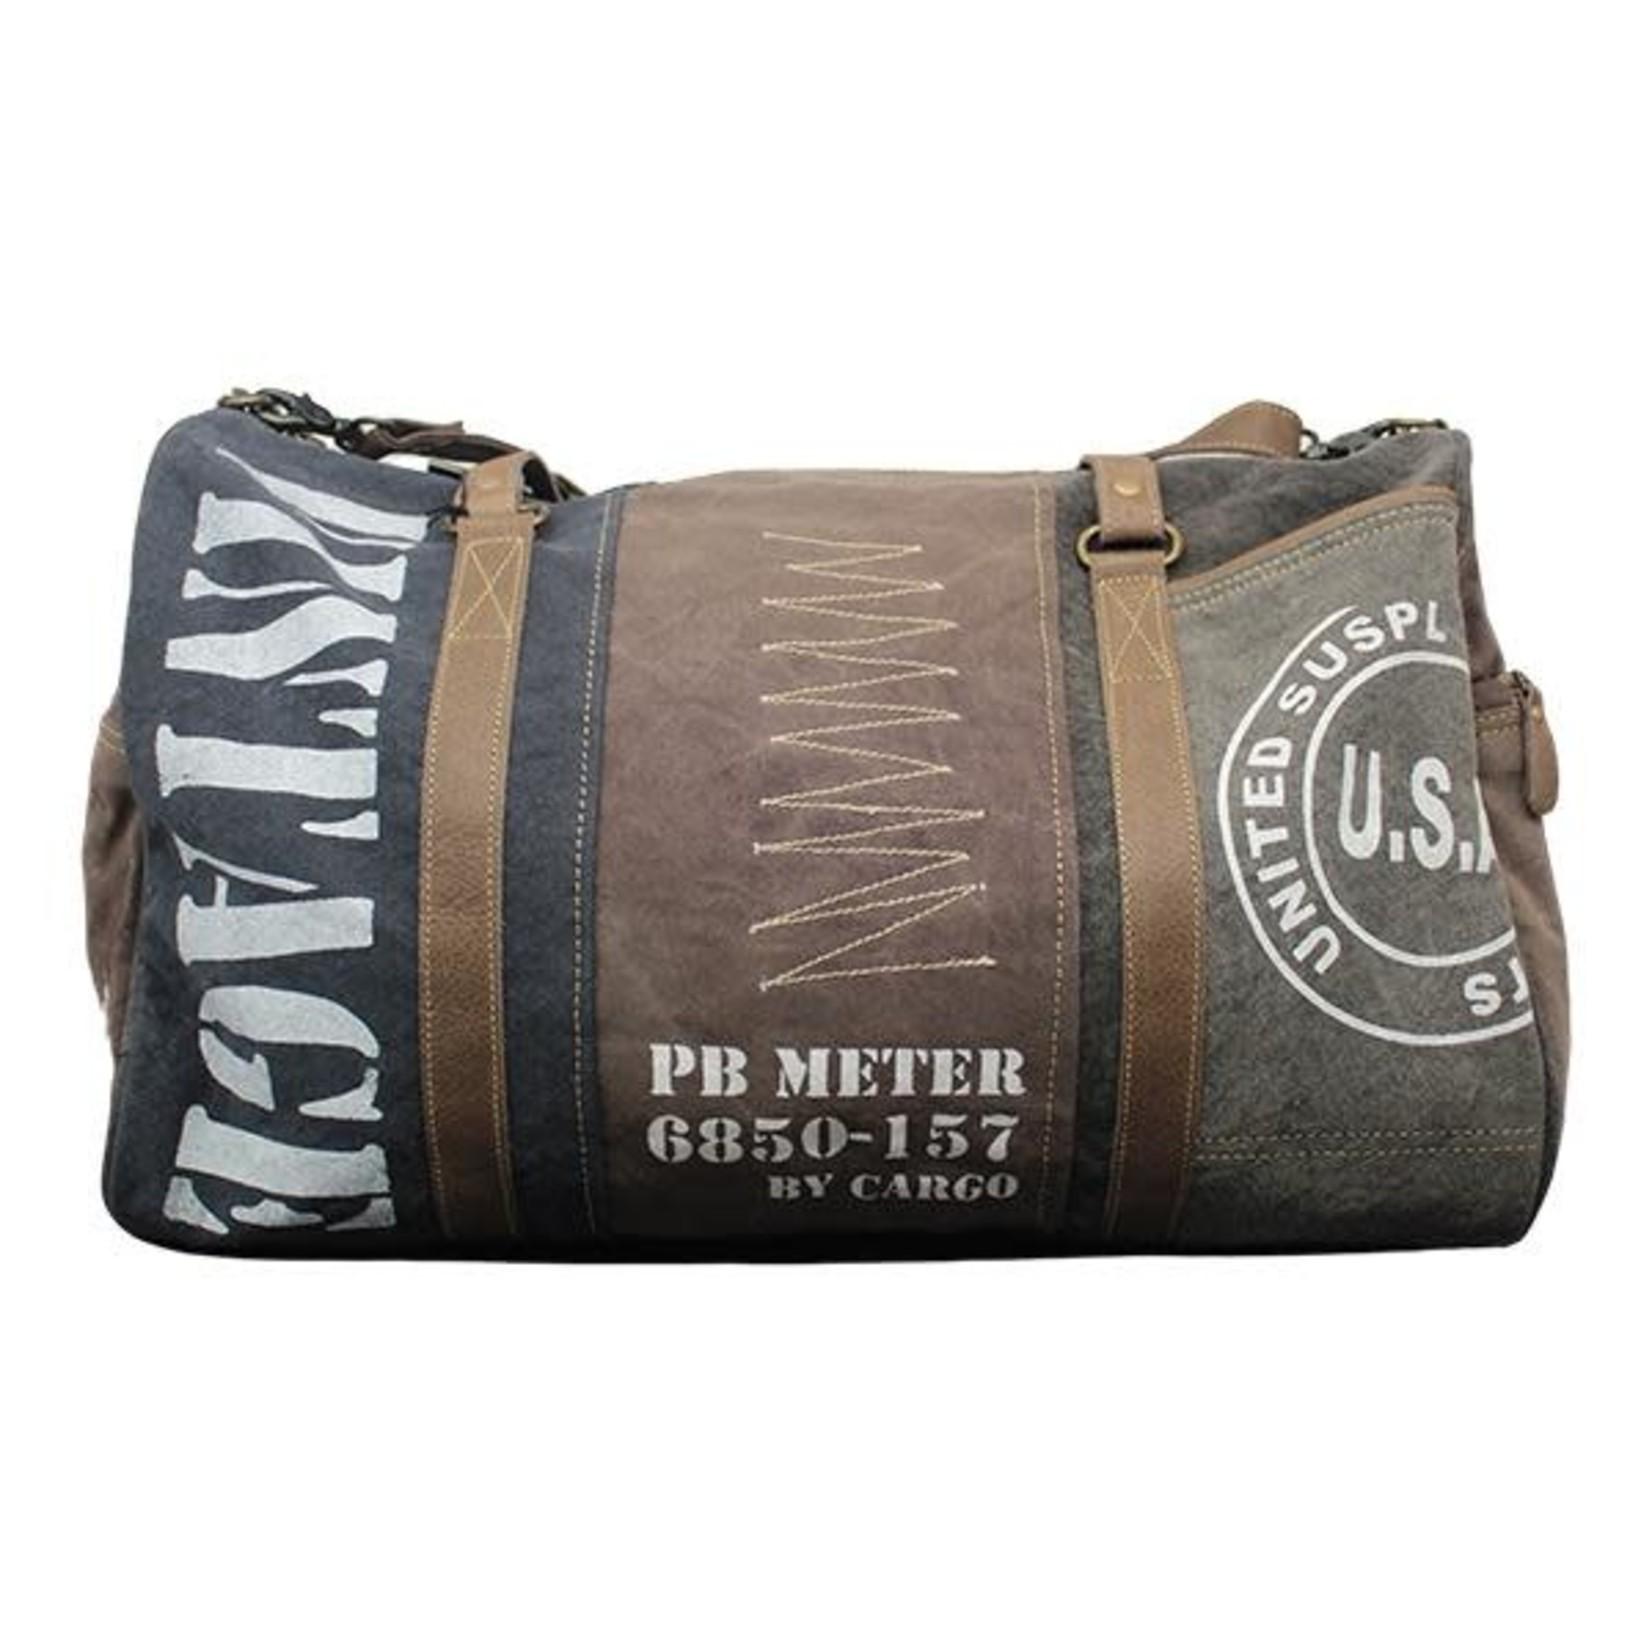 Myra Bags Myra Bag Vintage USA Travel Bag